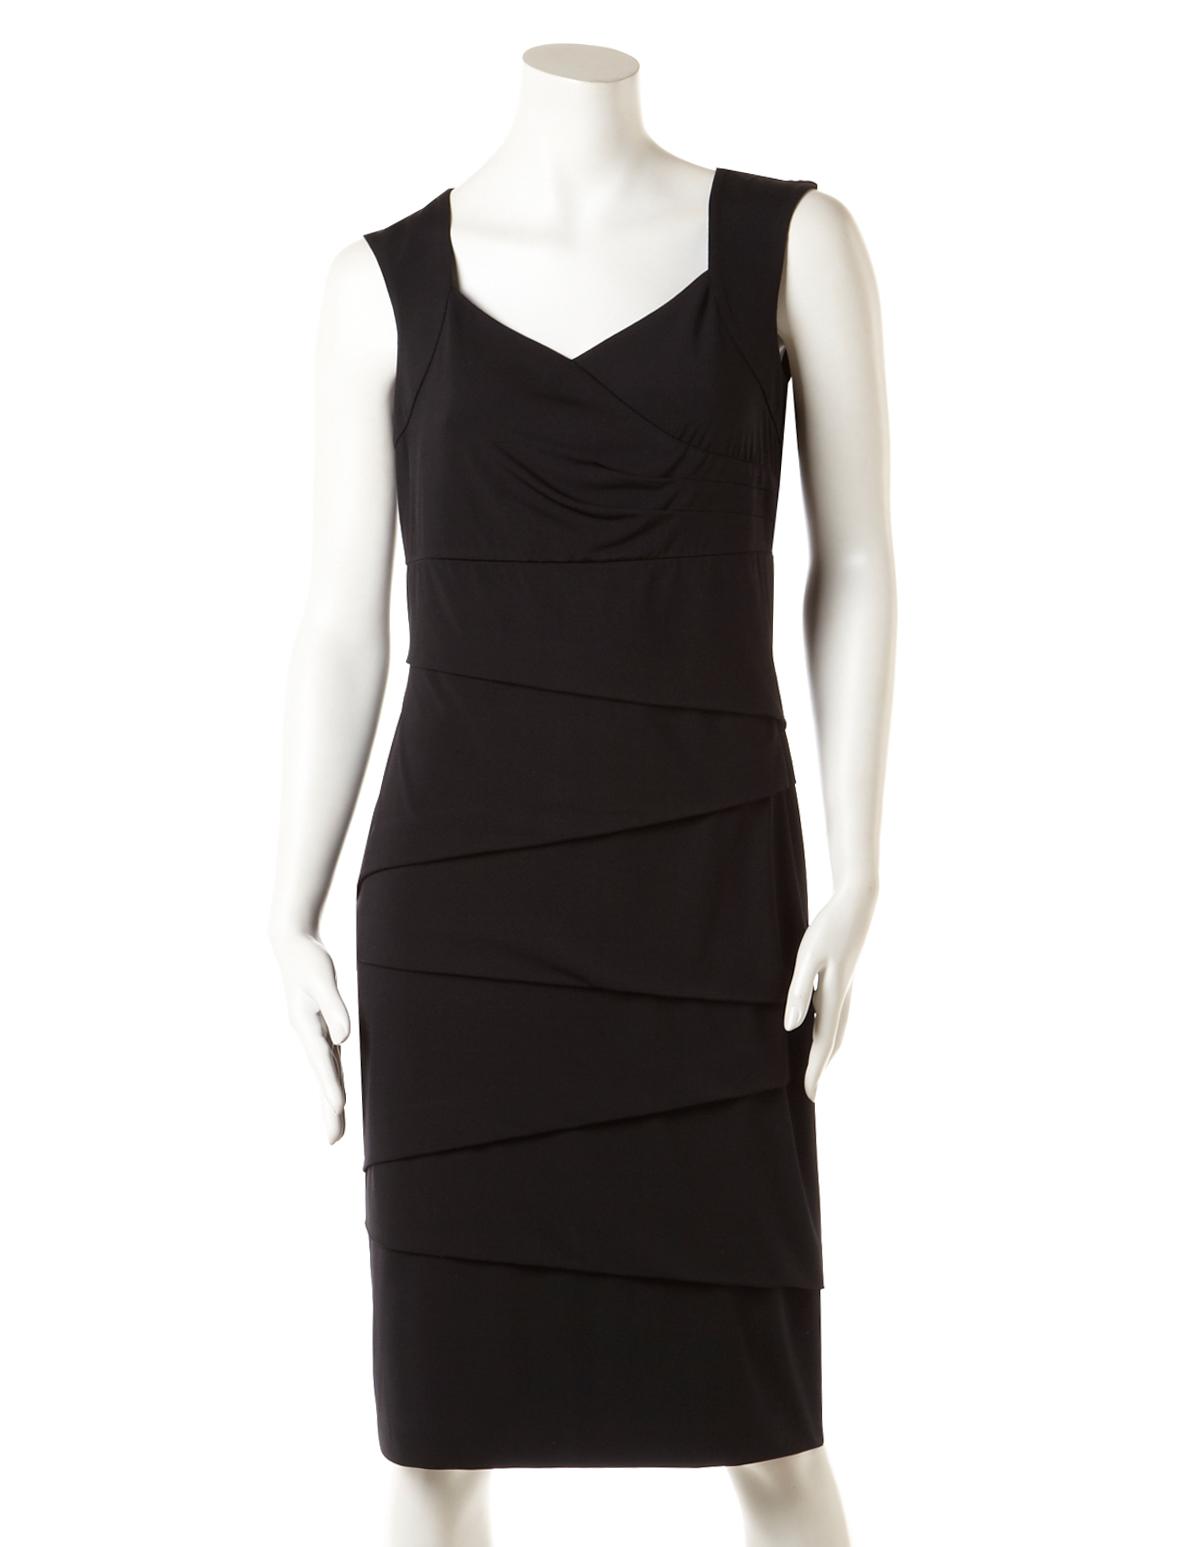 a060f8f3d959 Black Rumba Dress, Black, hi-res